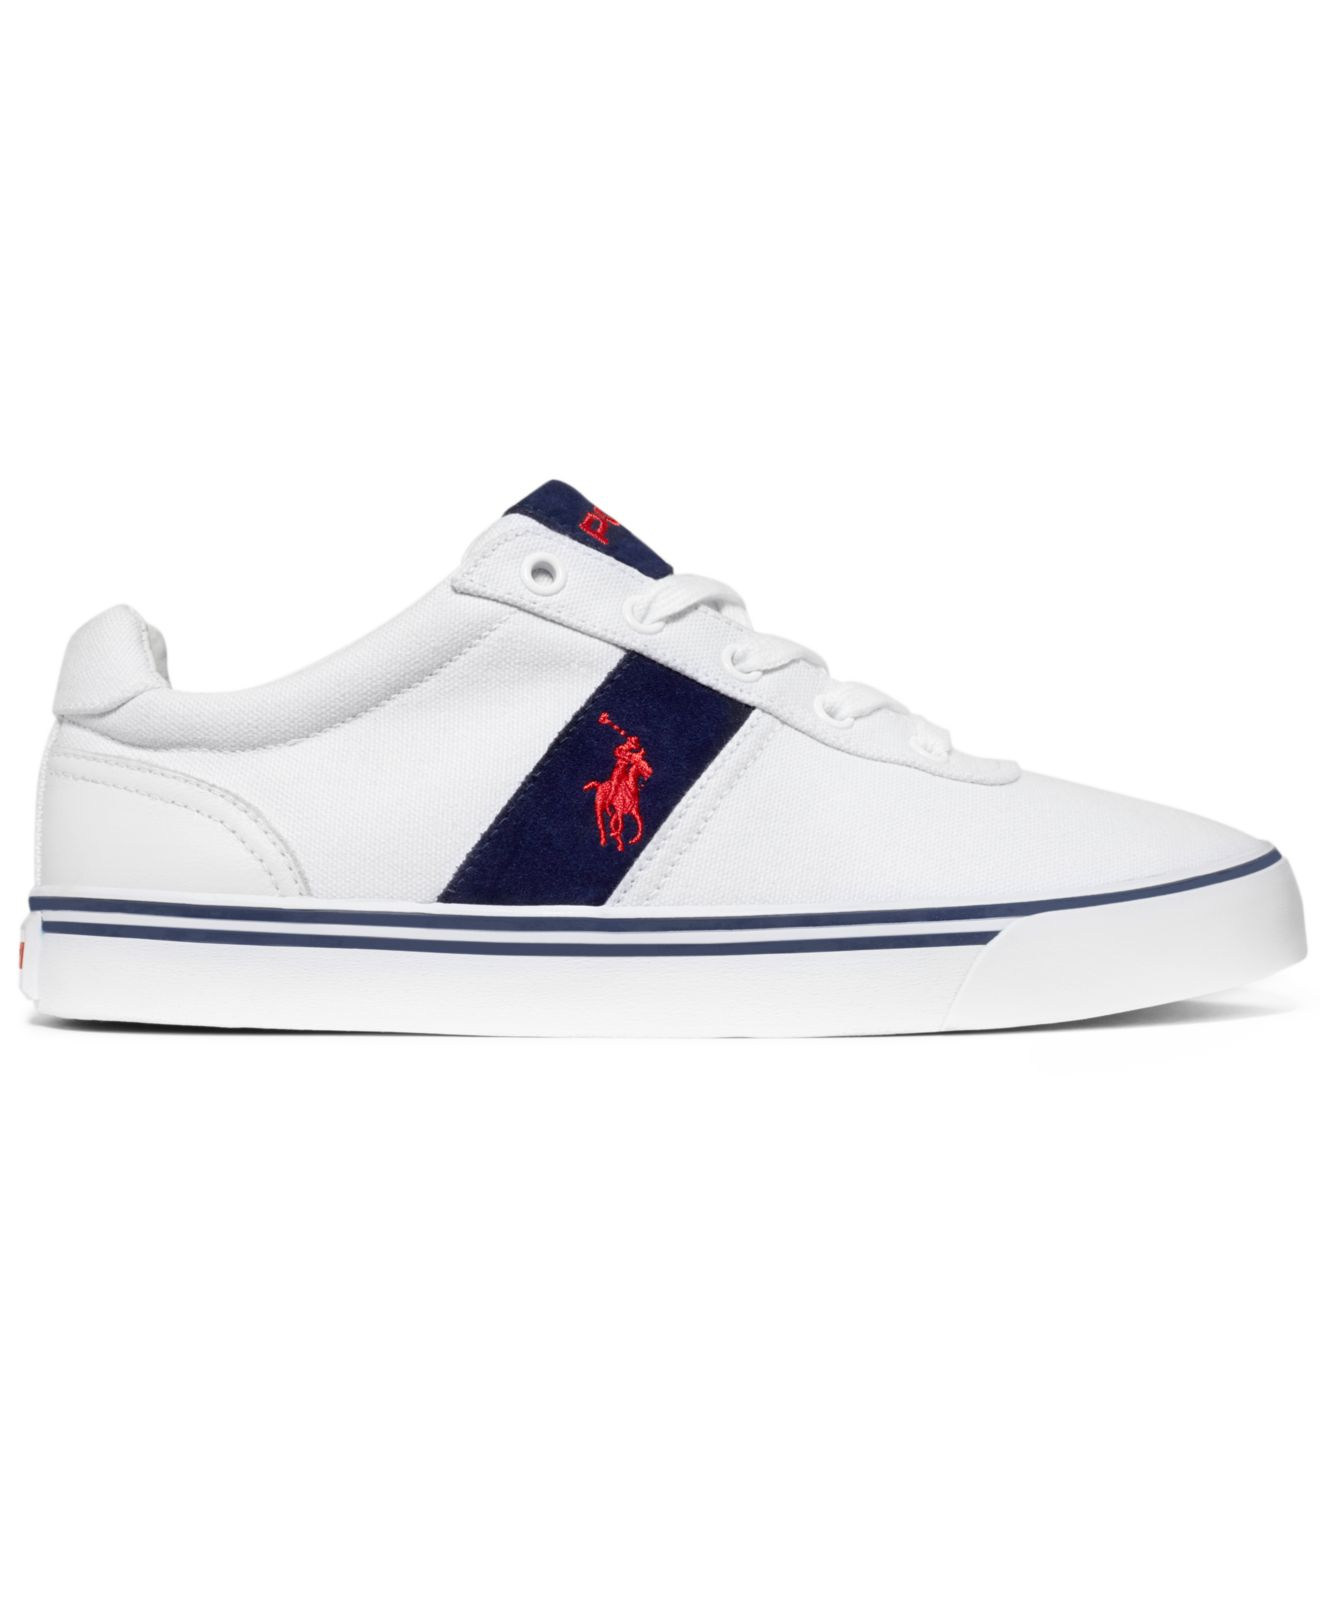 Ralph Lauren Hanford low top sneakers ytqUhStl2